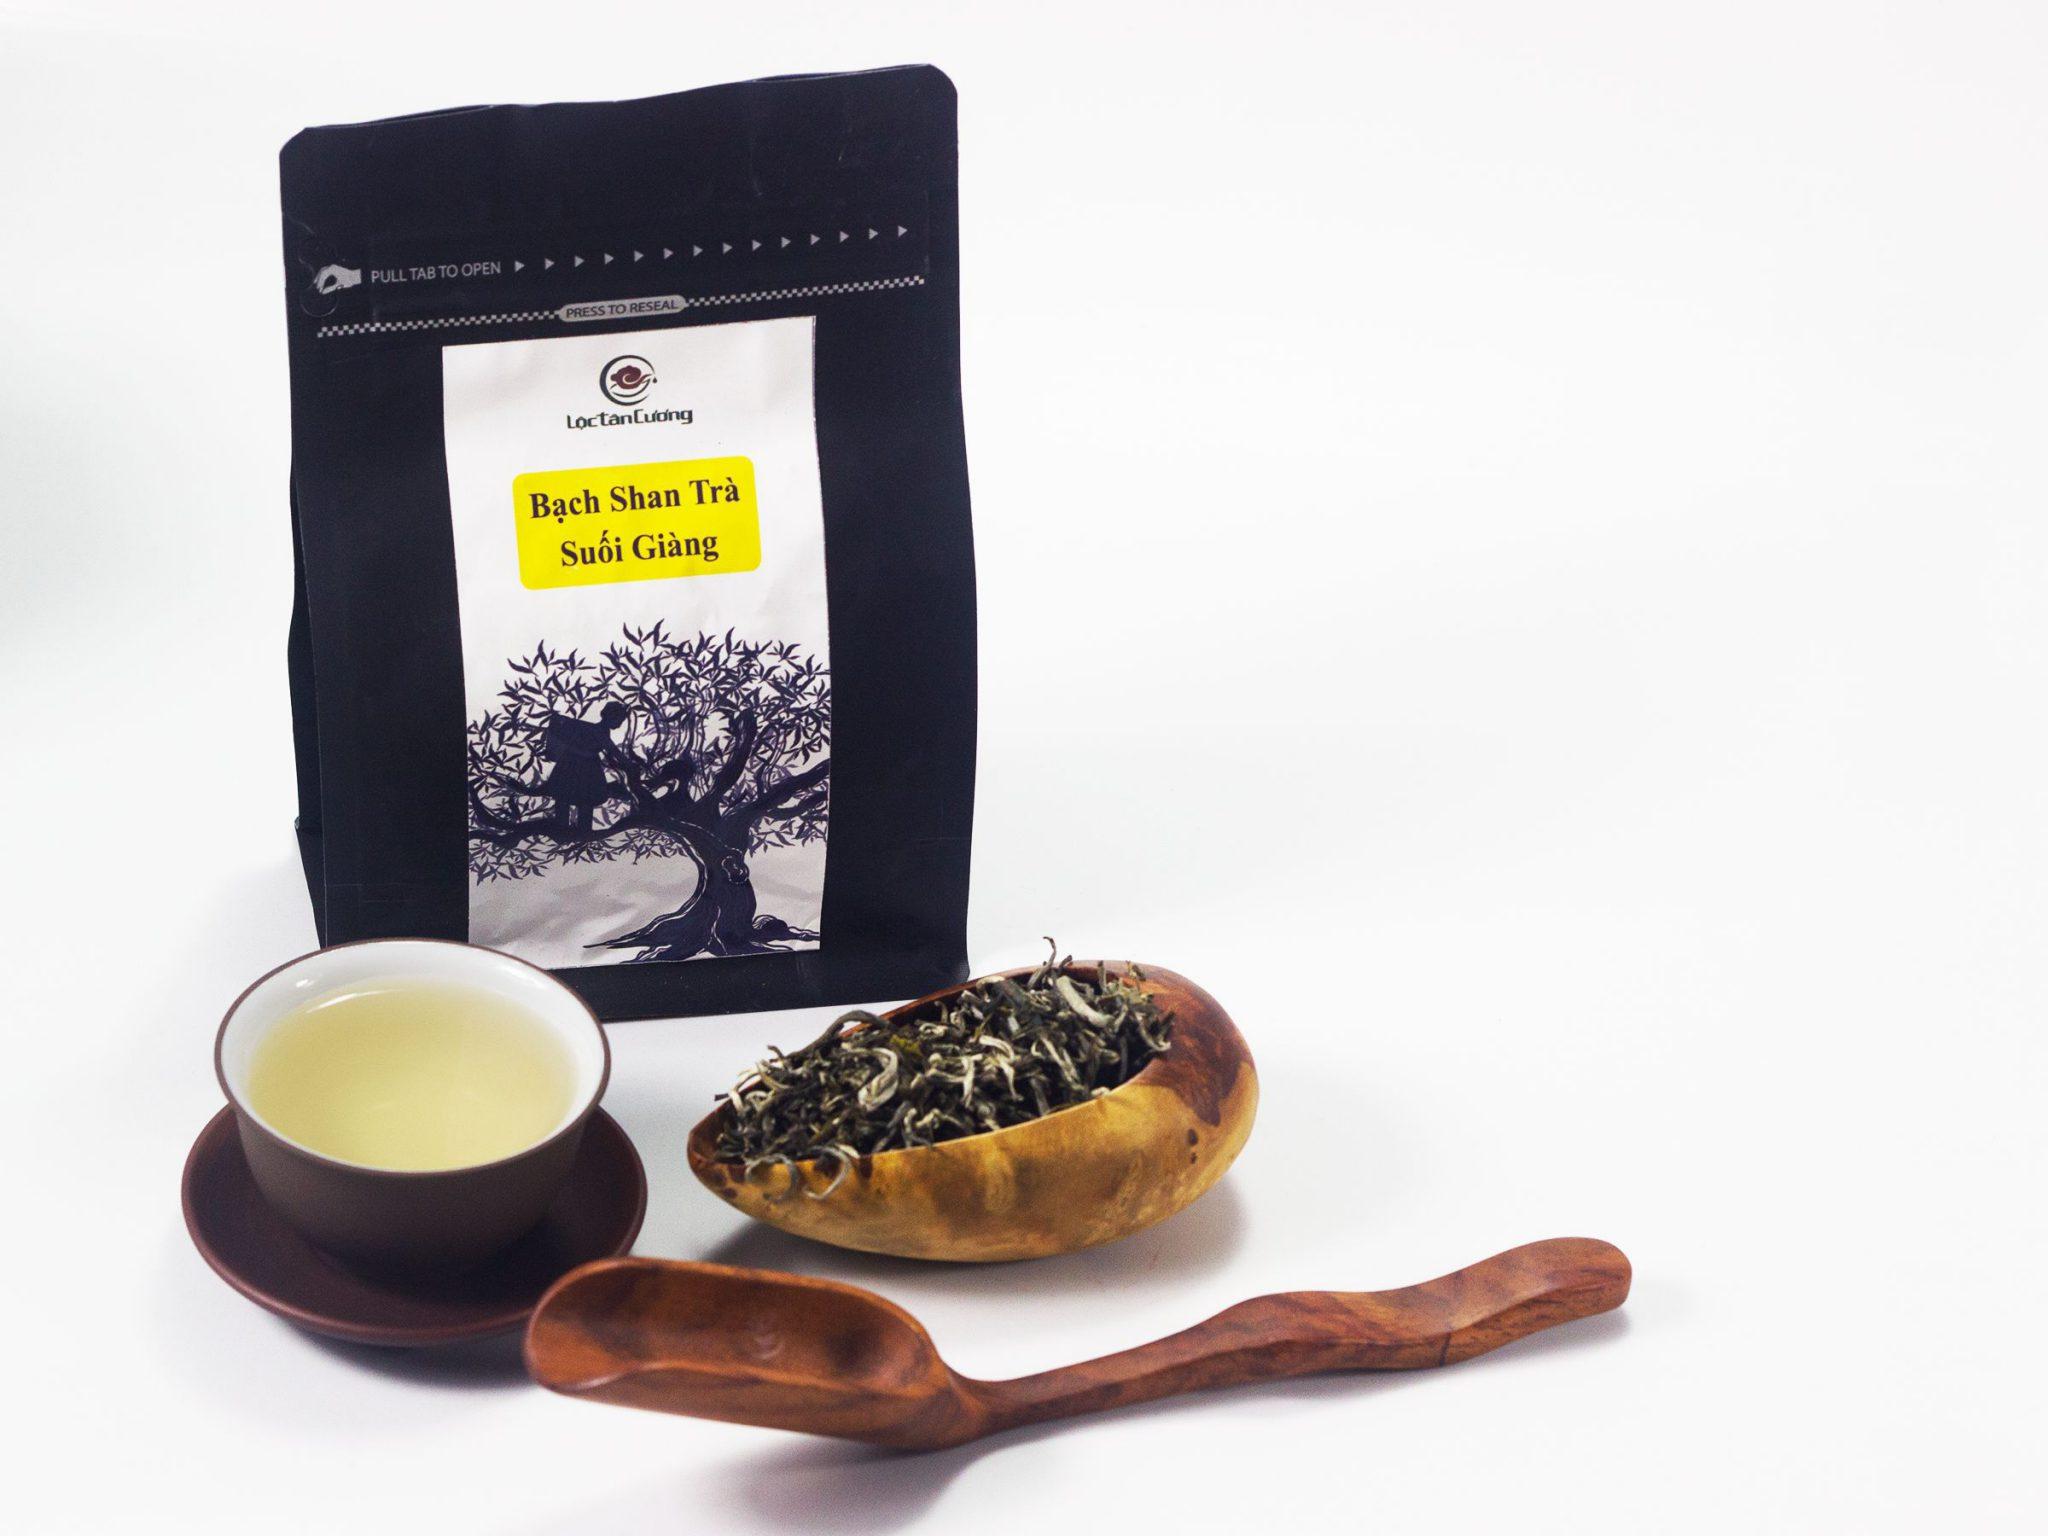 Sản phẩm bạch trà Suối Giàng của Lộc Tân Cương